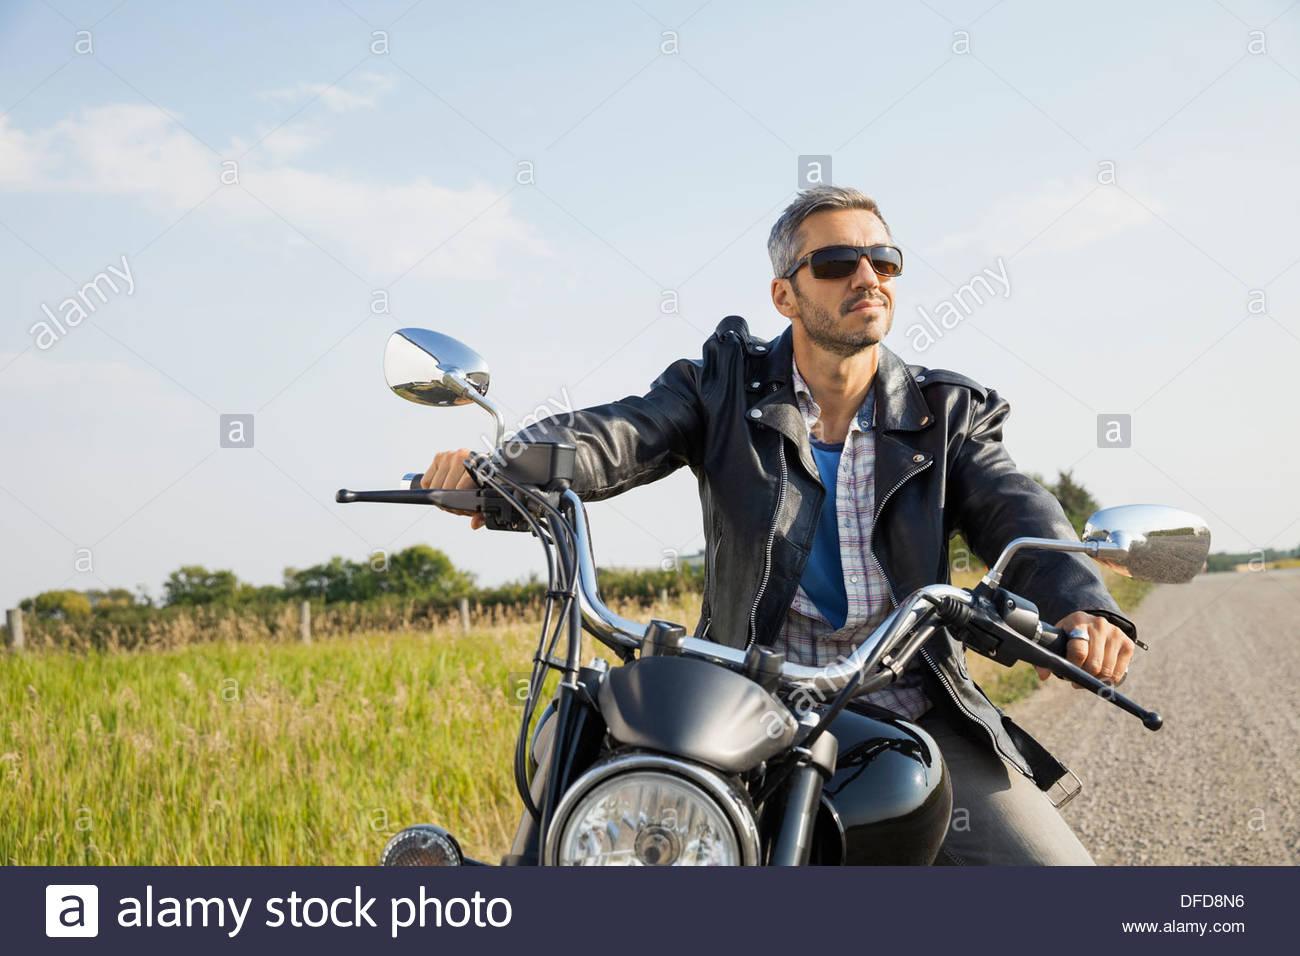 Männliche Biker eine Pause im Land während der Reise Stockbild